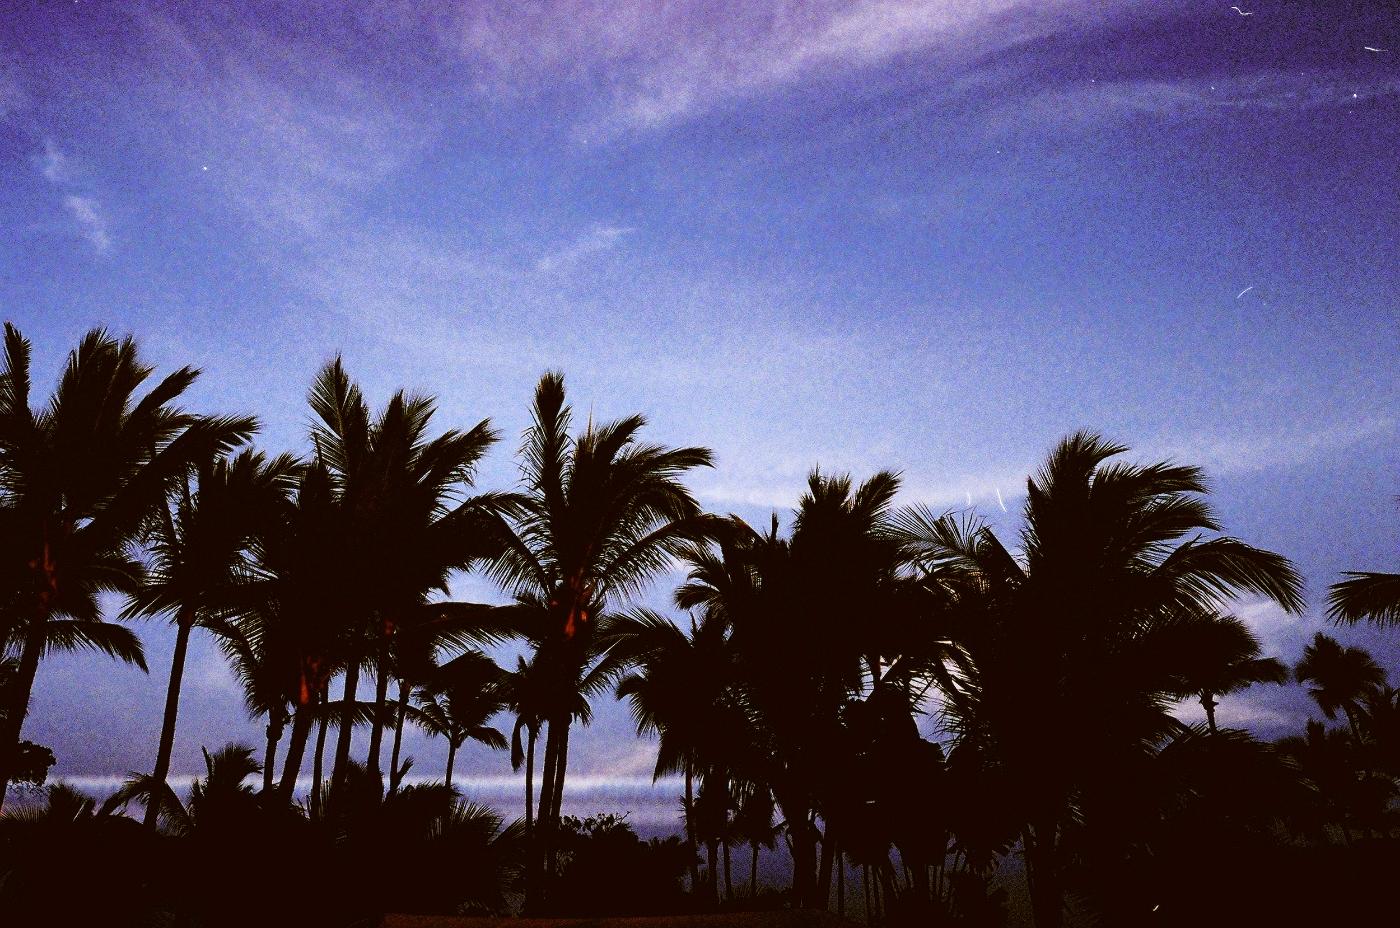 silhouette_treesedit.jpg